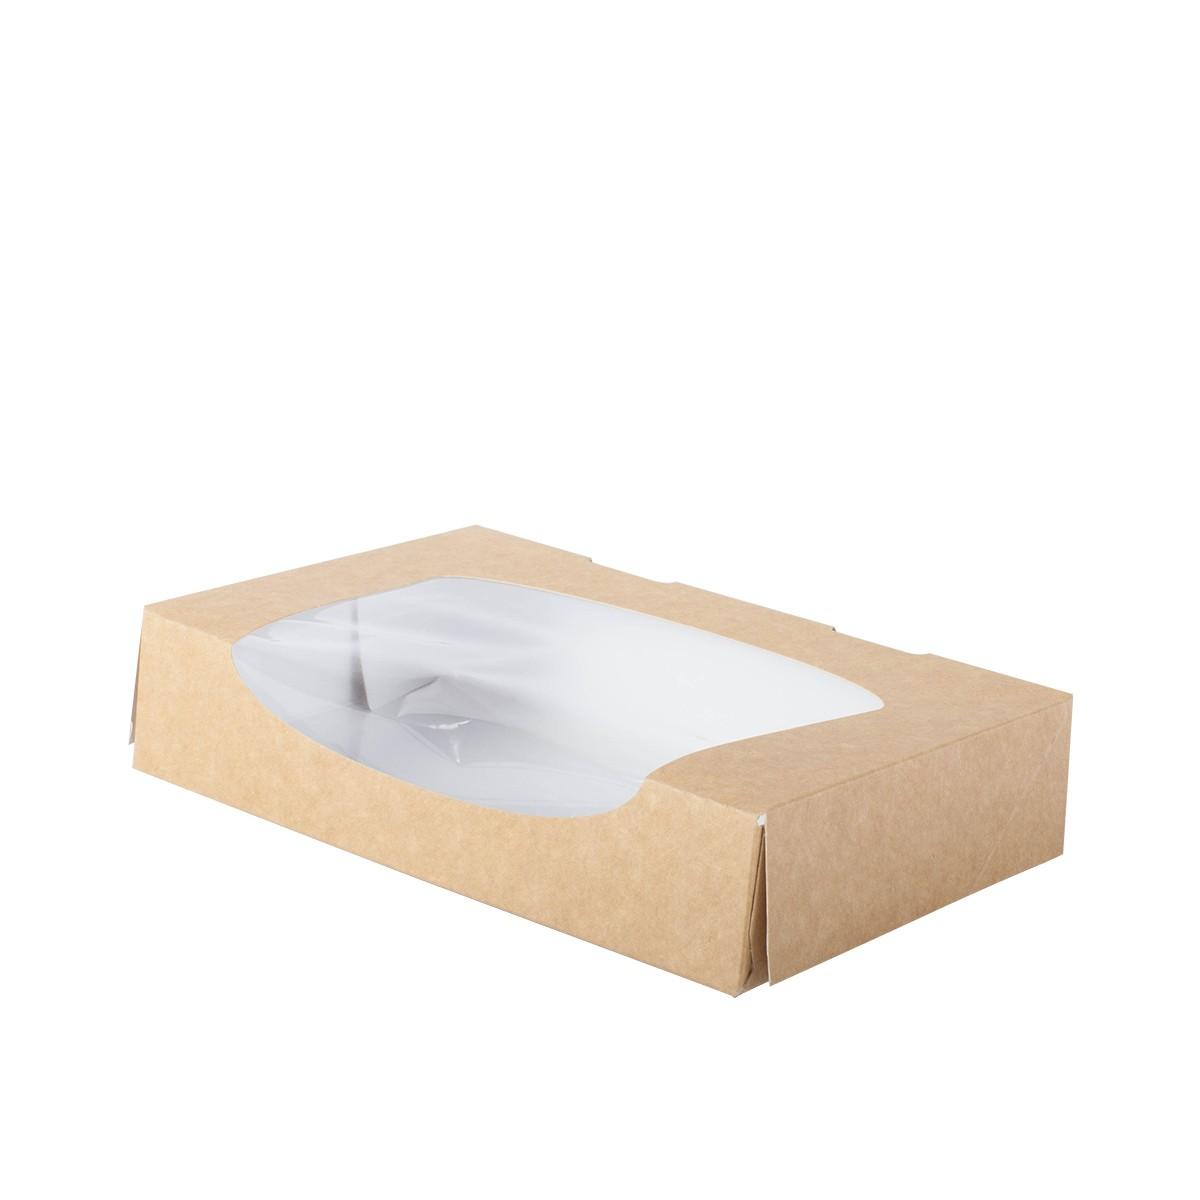 boite snacking carton avec fenetre transparente vente à emporter